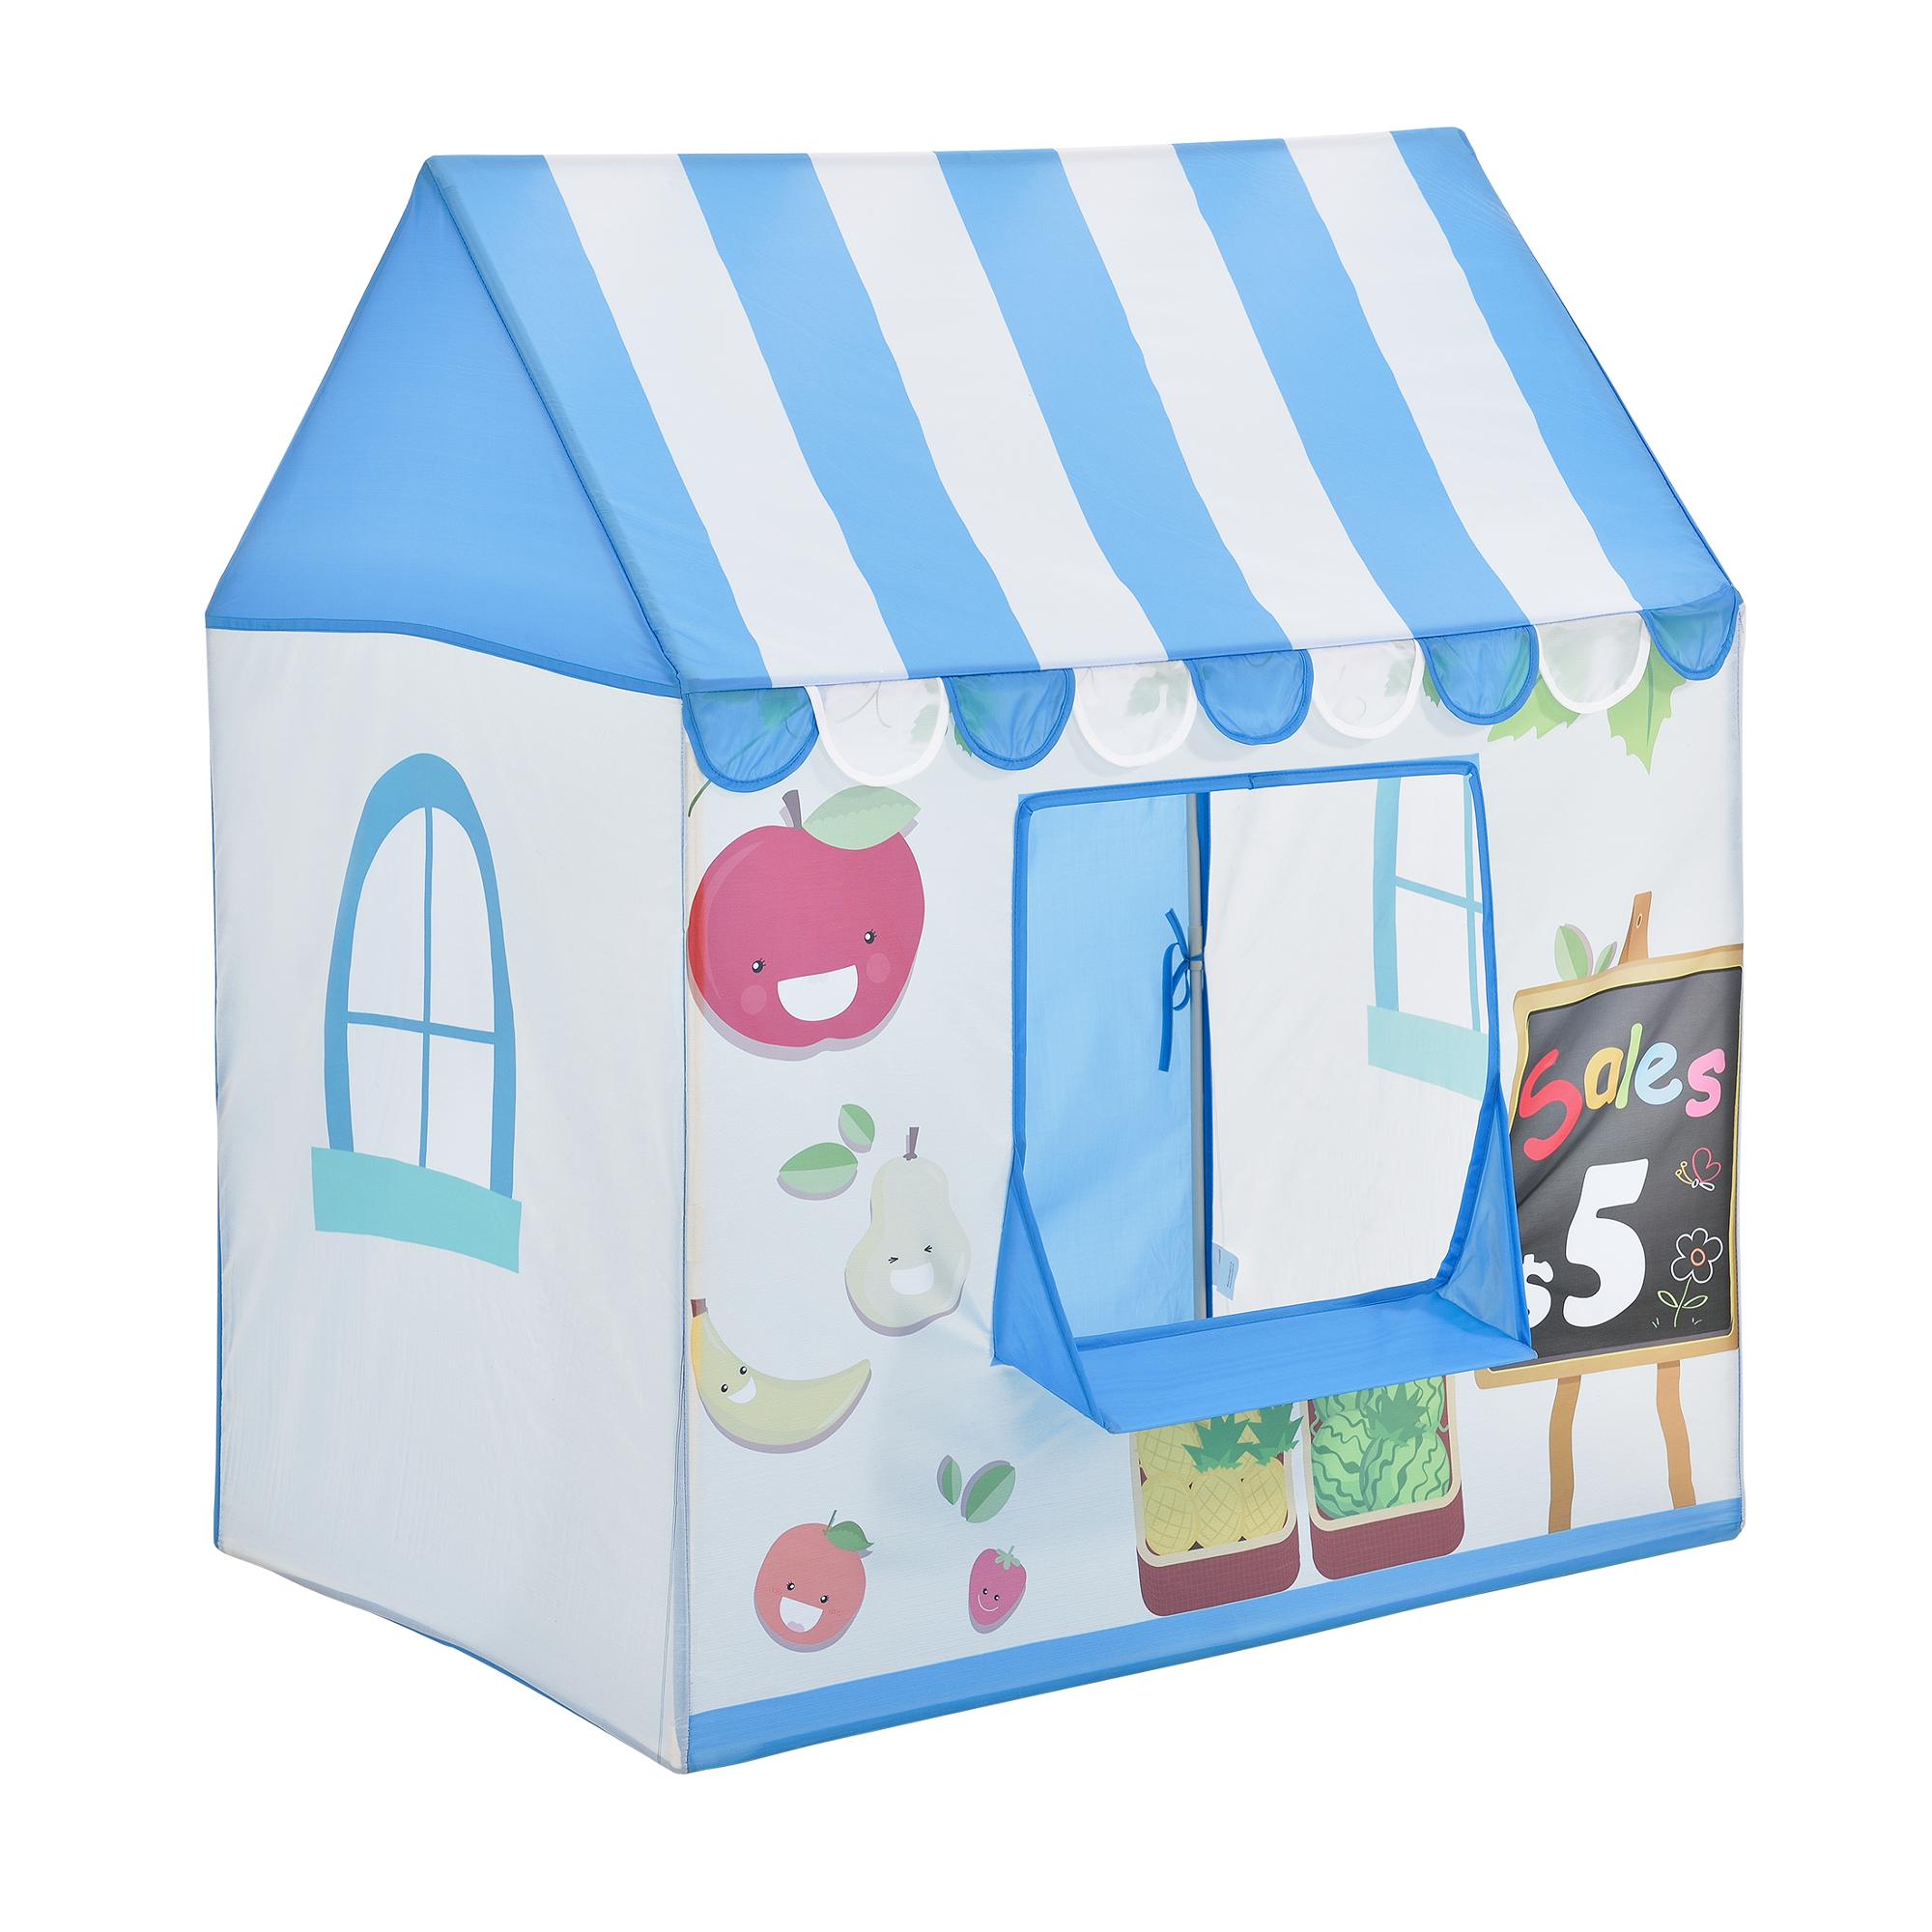 [casa.pro]® Dětský stan - stánek na trhovišti - AAST-4504